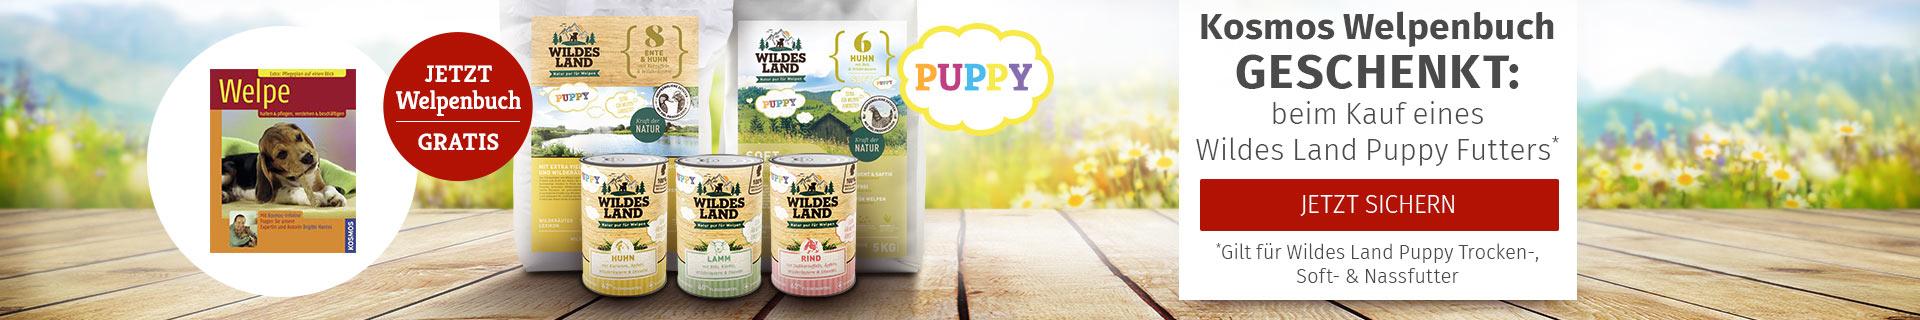 Wildes Land Hund - Puppy Futter kaufen und Kosmos Welpenbuch gratis dazu erhalten